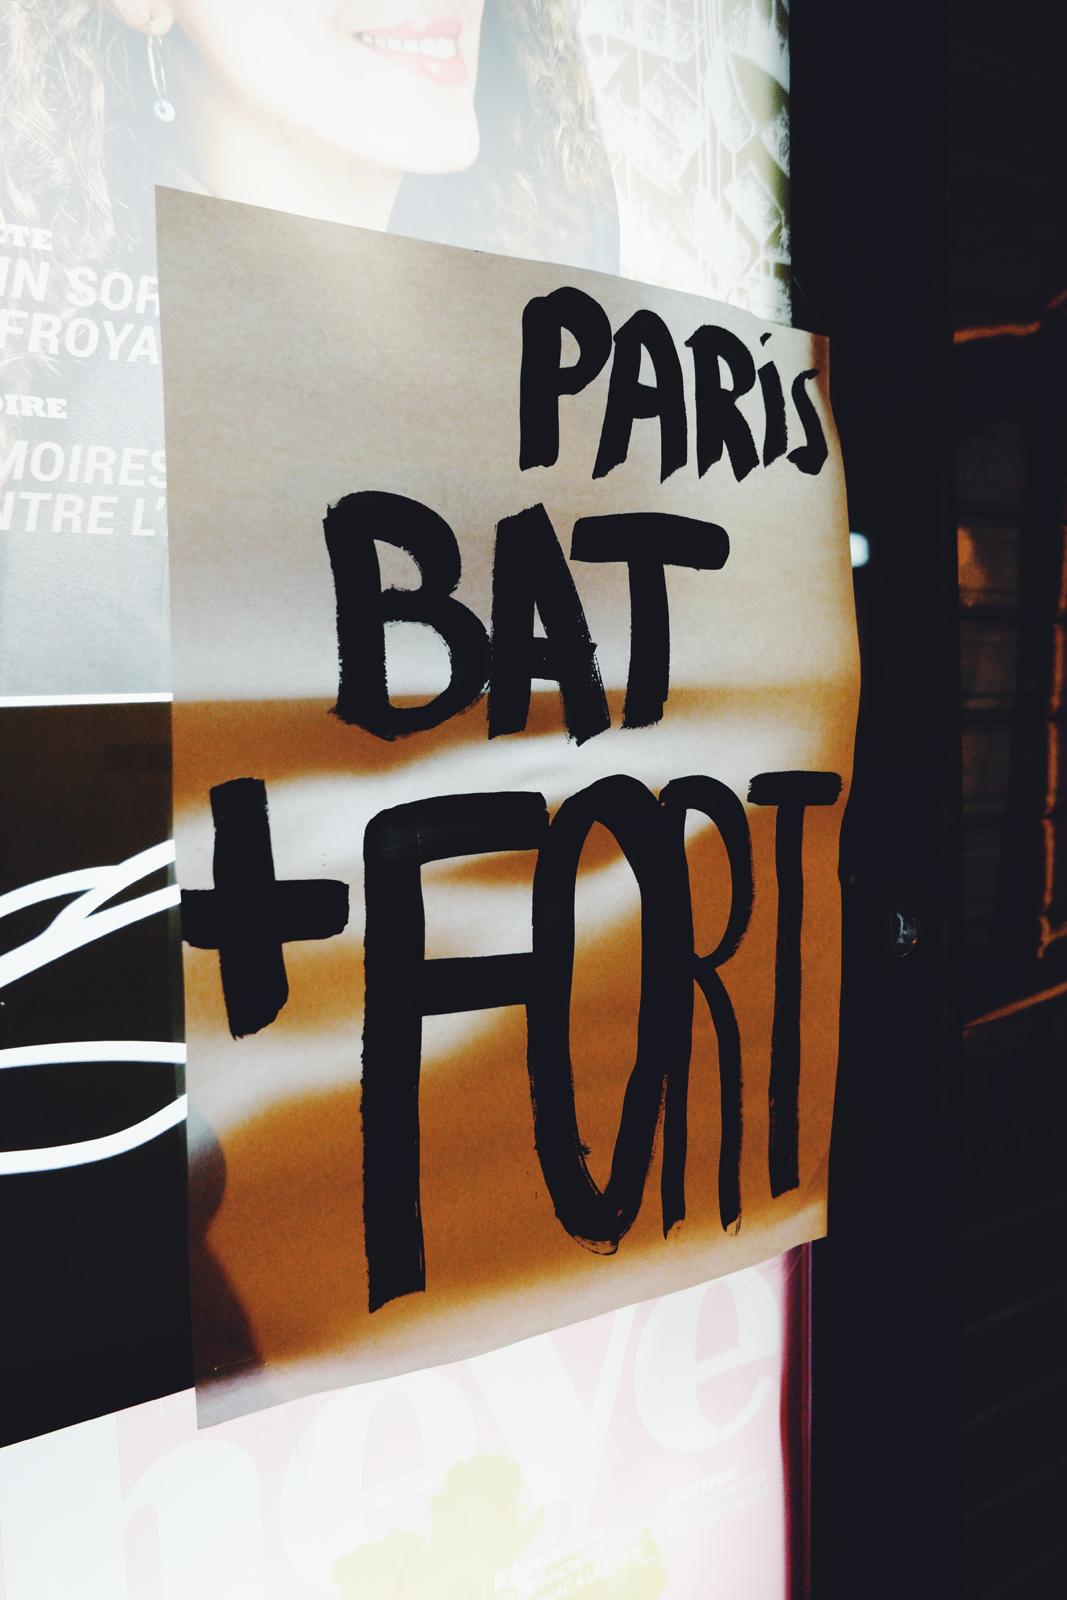 Paris bat plus fort message affiché sur kiosque à journaux après les attentats de paris le 13 novembre 2015 Pray for Paris Je suis Paris photo united states of paris blog